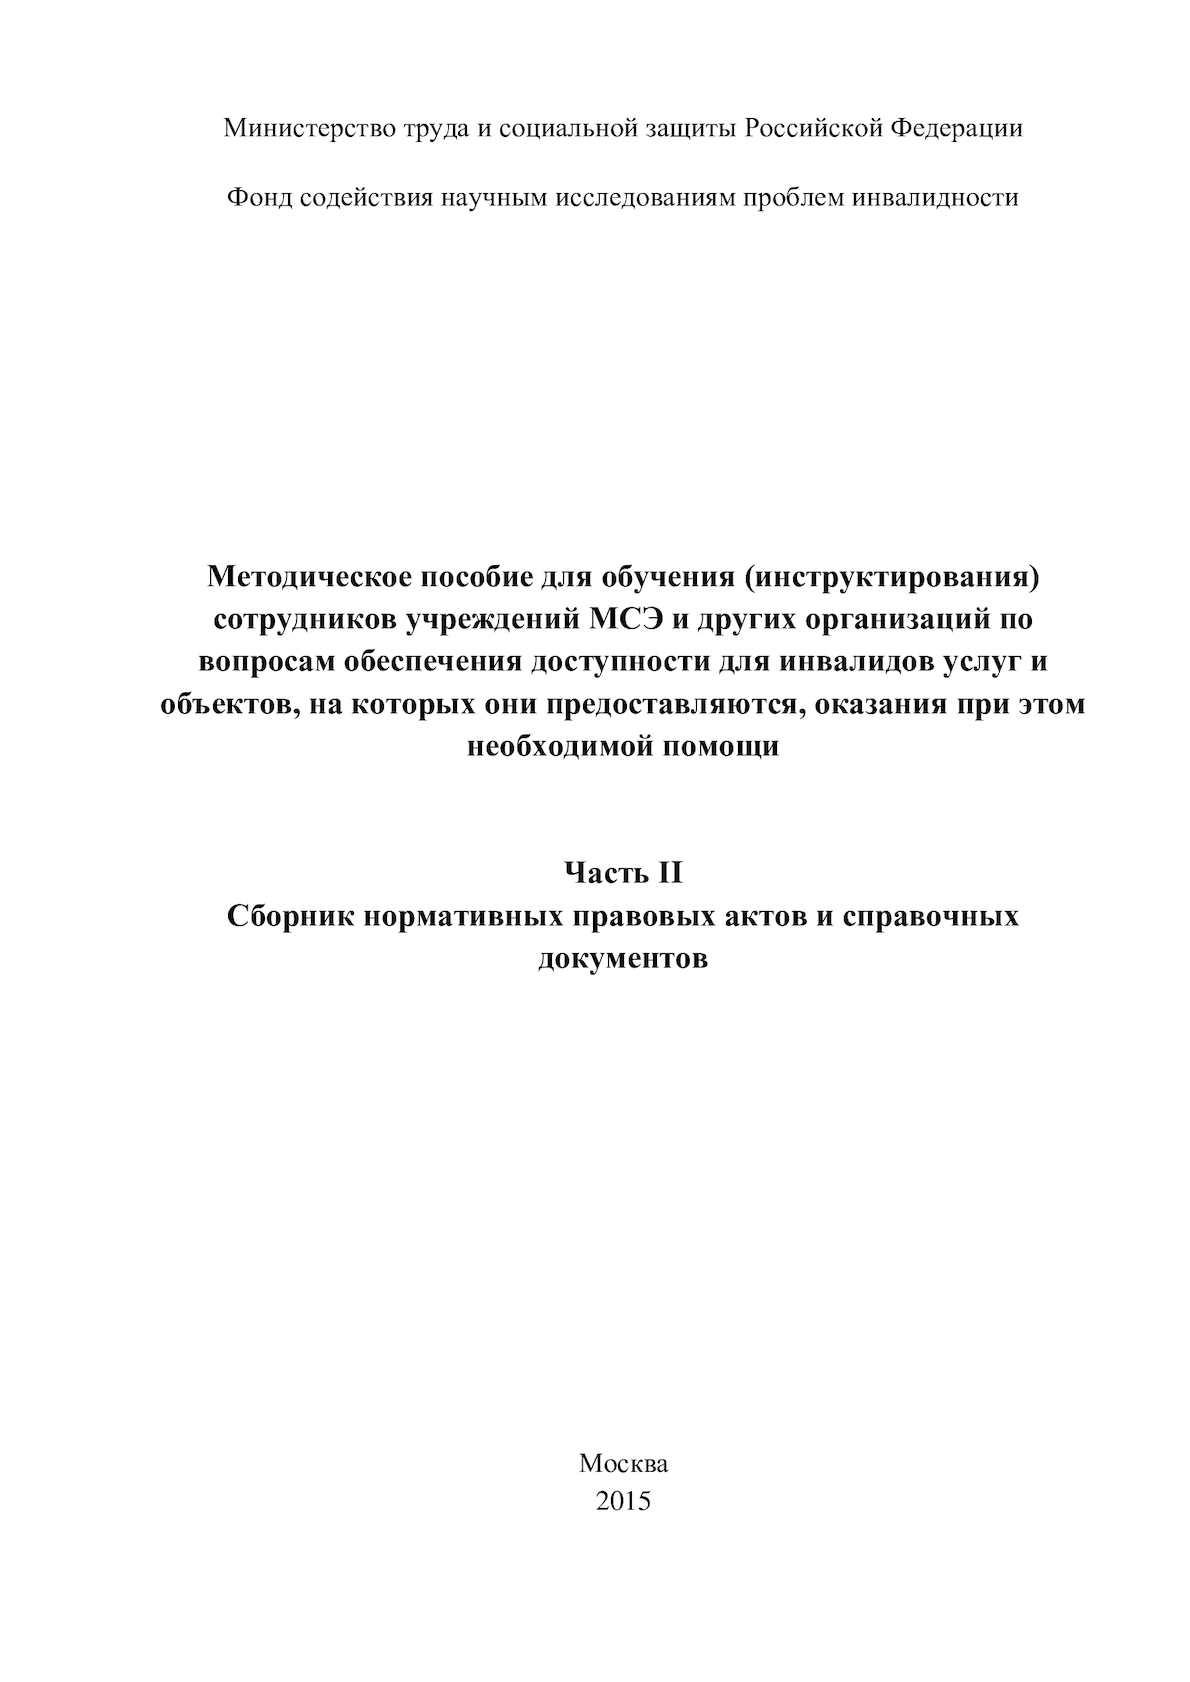 Справка для надомного обученияметро Лесная медицинская справка форма 083/у-89 красногвардейская